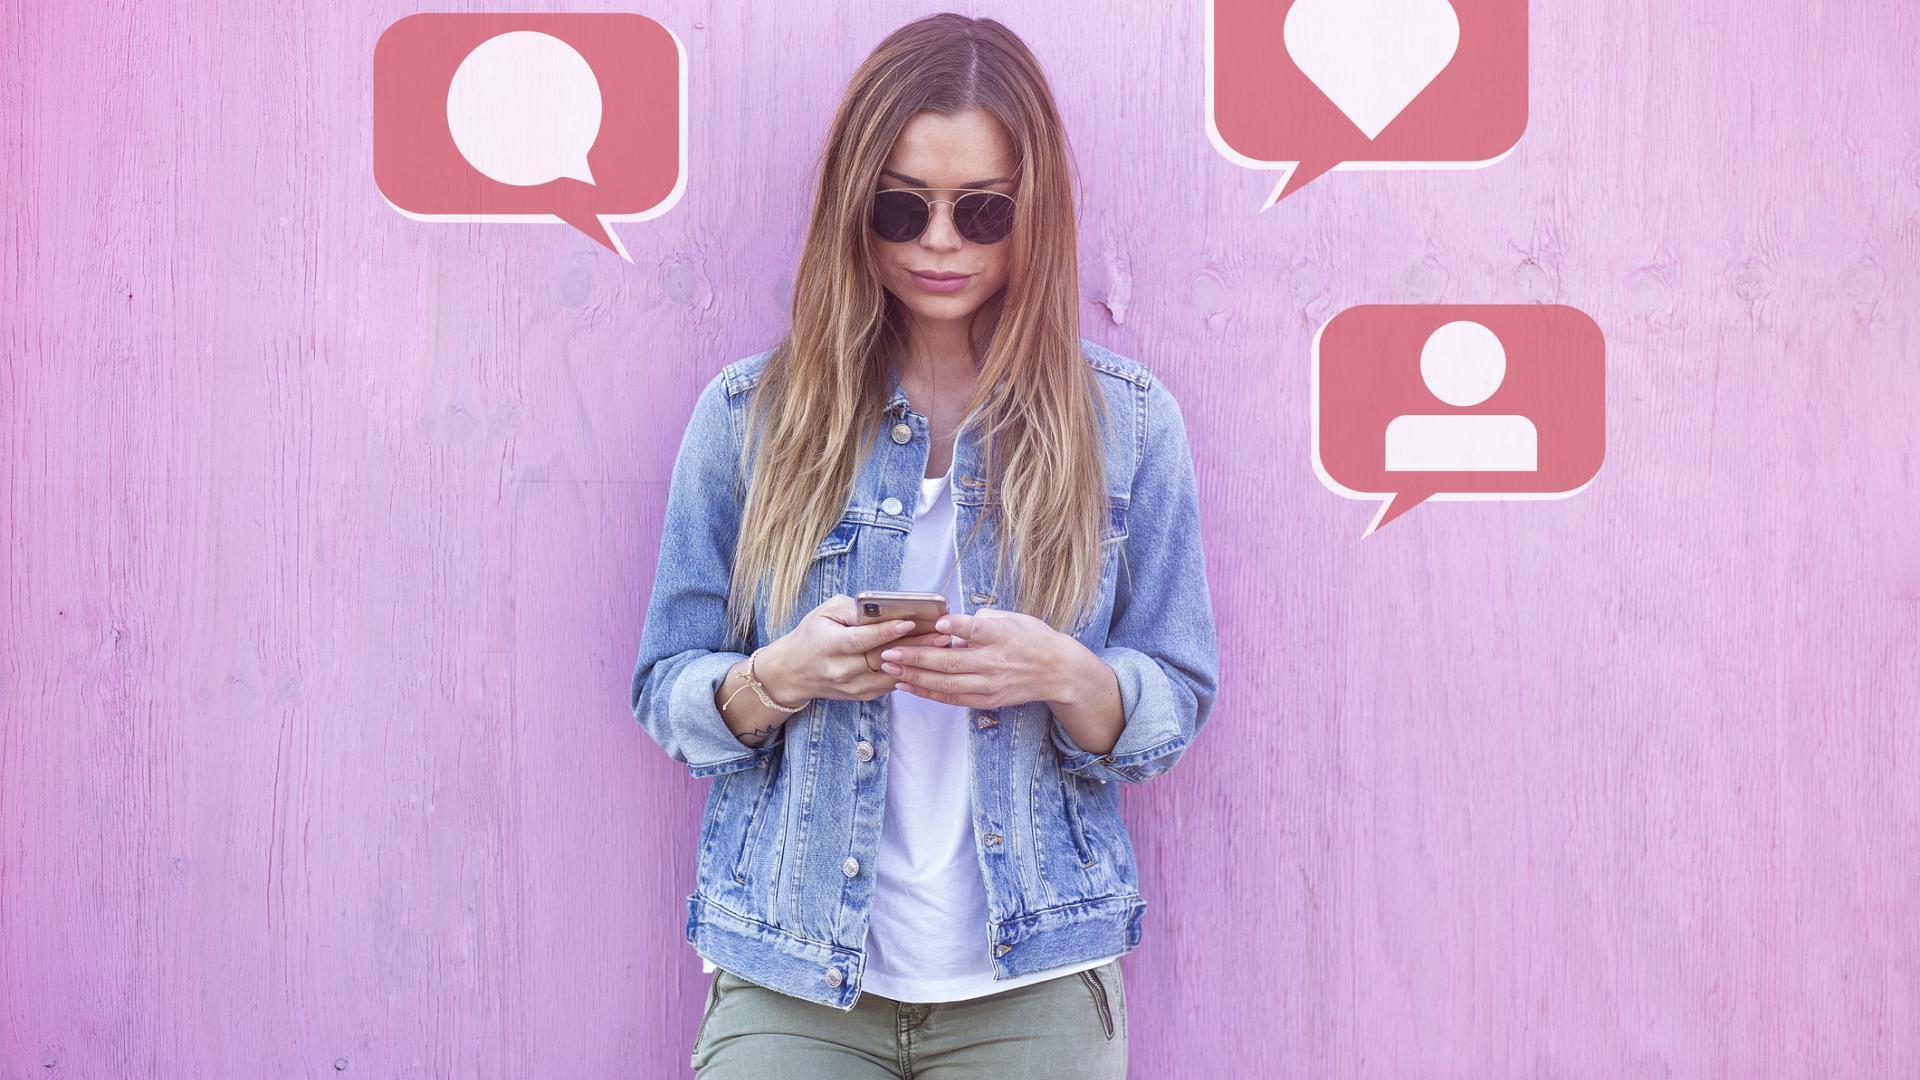 Frau Smartphone texten chatten fernbeziehung tipps